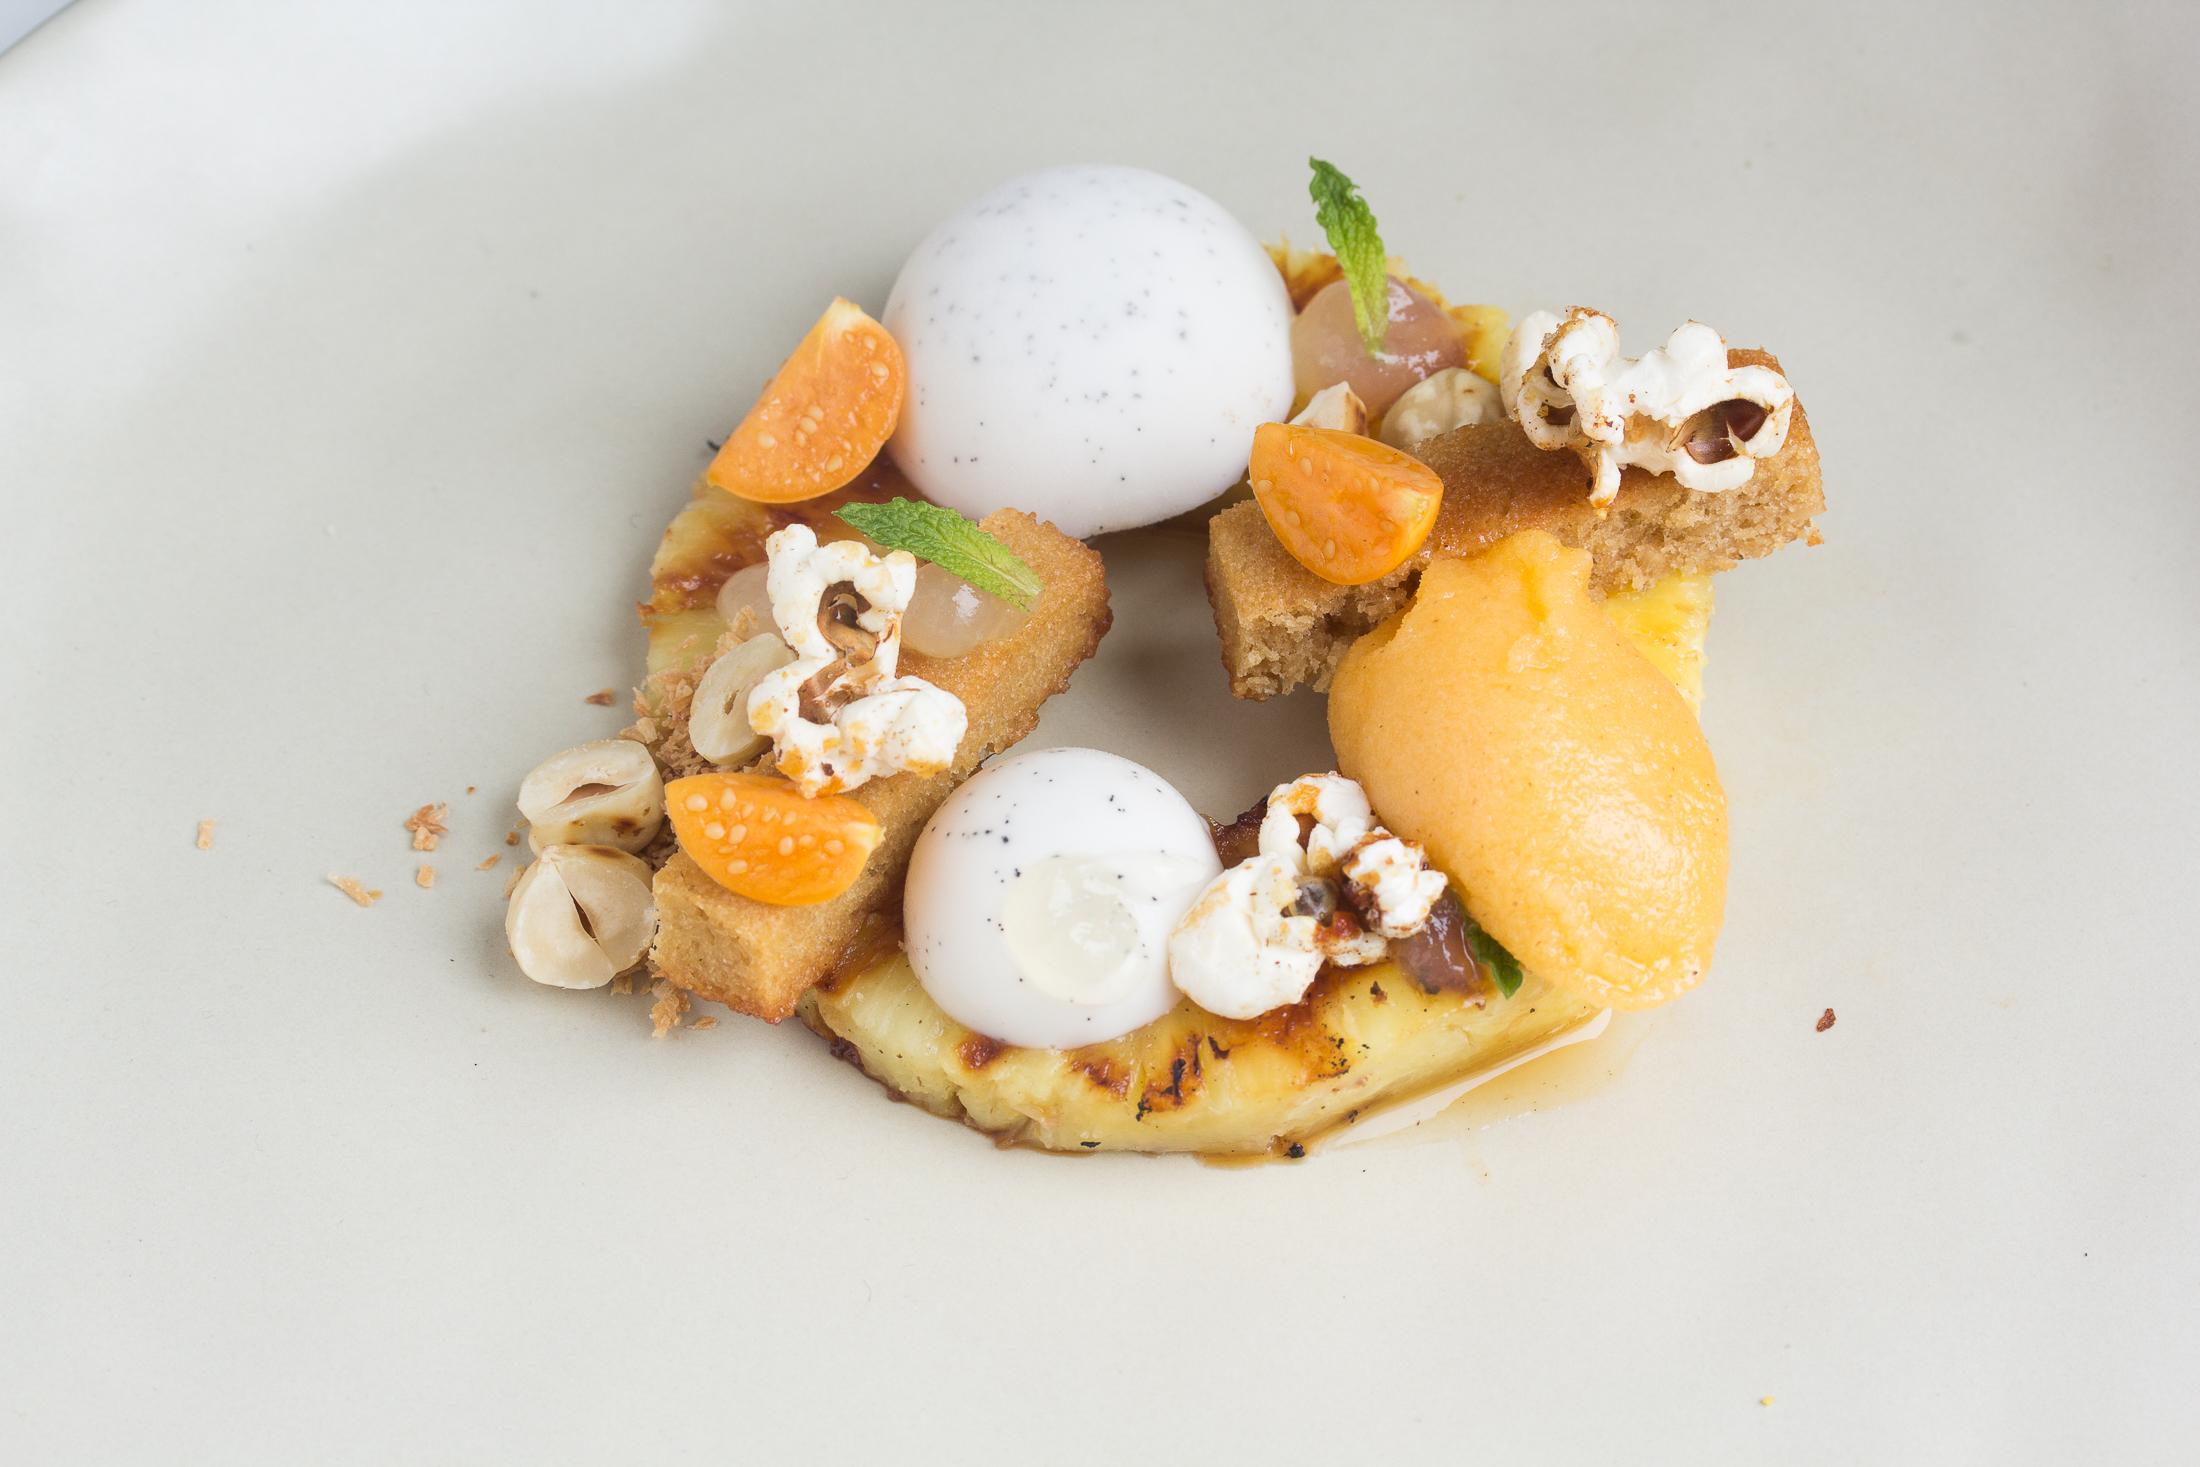 fancy-dessert-6323